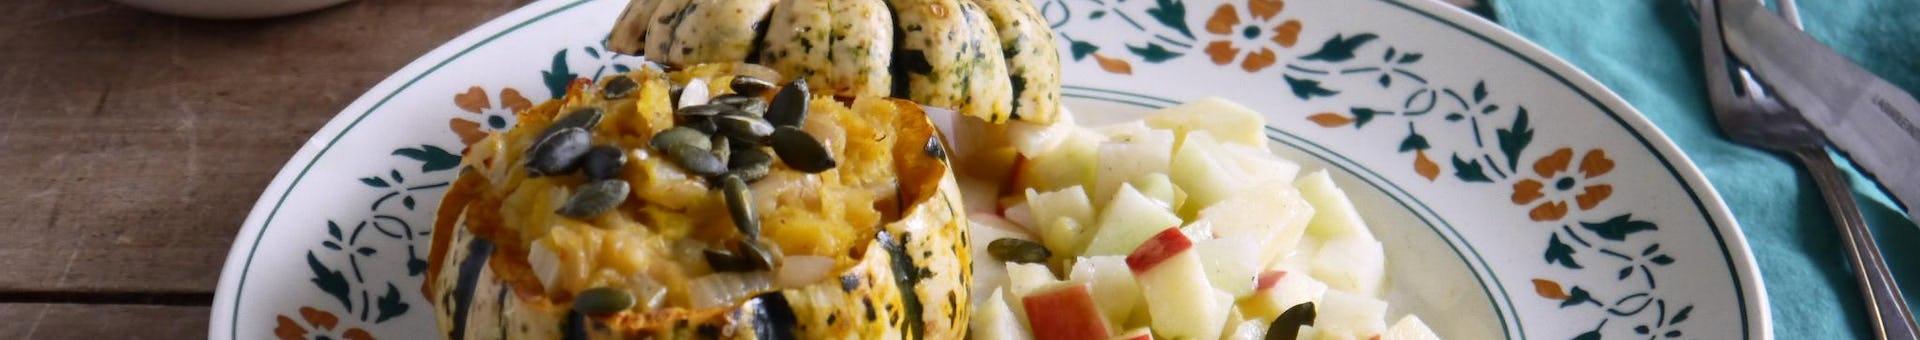 Wk 42 gevulde sweet dumpling blauwe kaas appel koolrabi salade FP